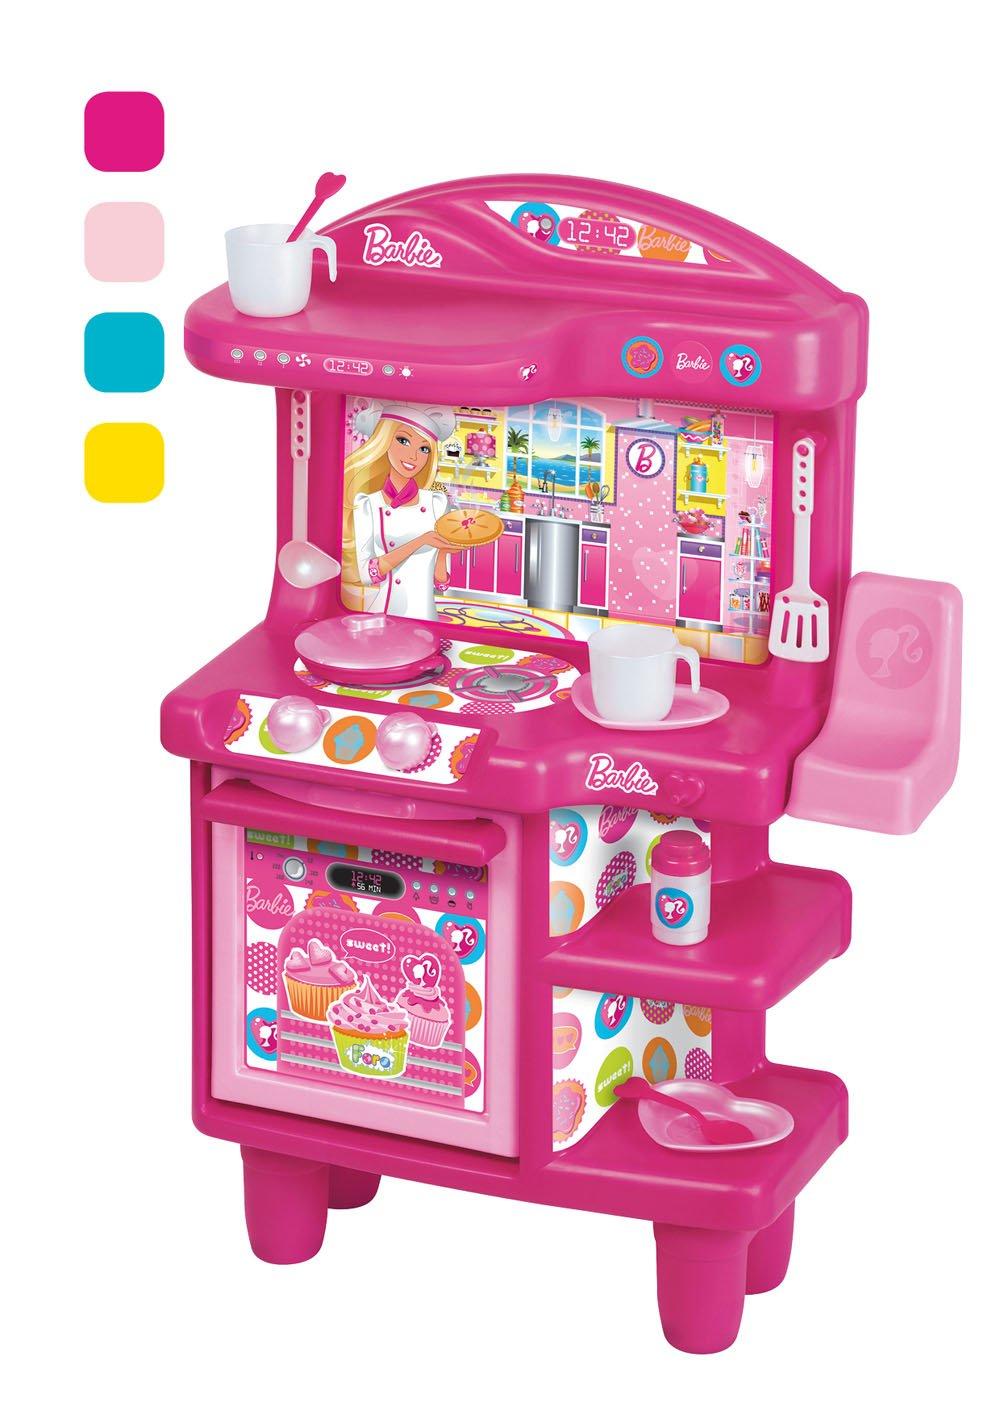 Grandi Giochi GG00510 Cucina di Barbie: Amazon.it: Giochi e giocattoli